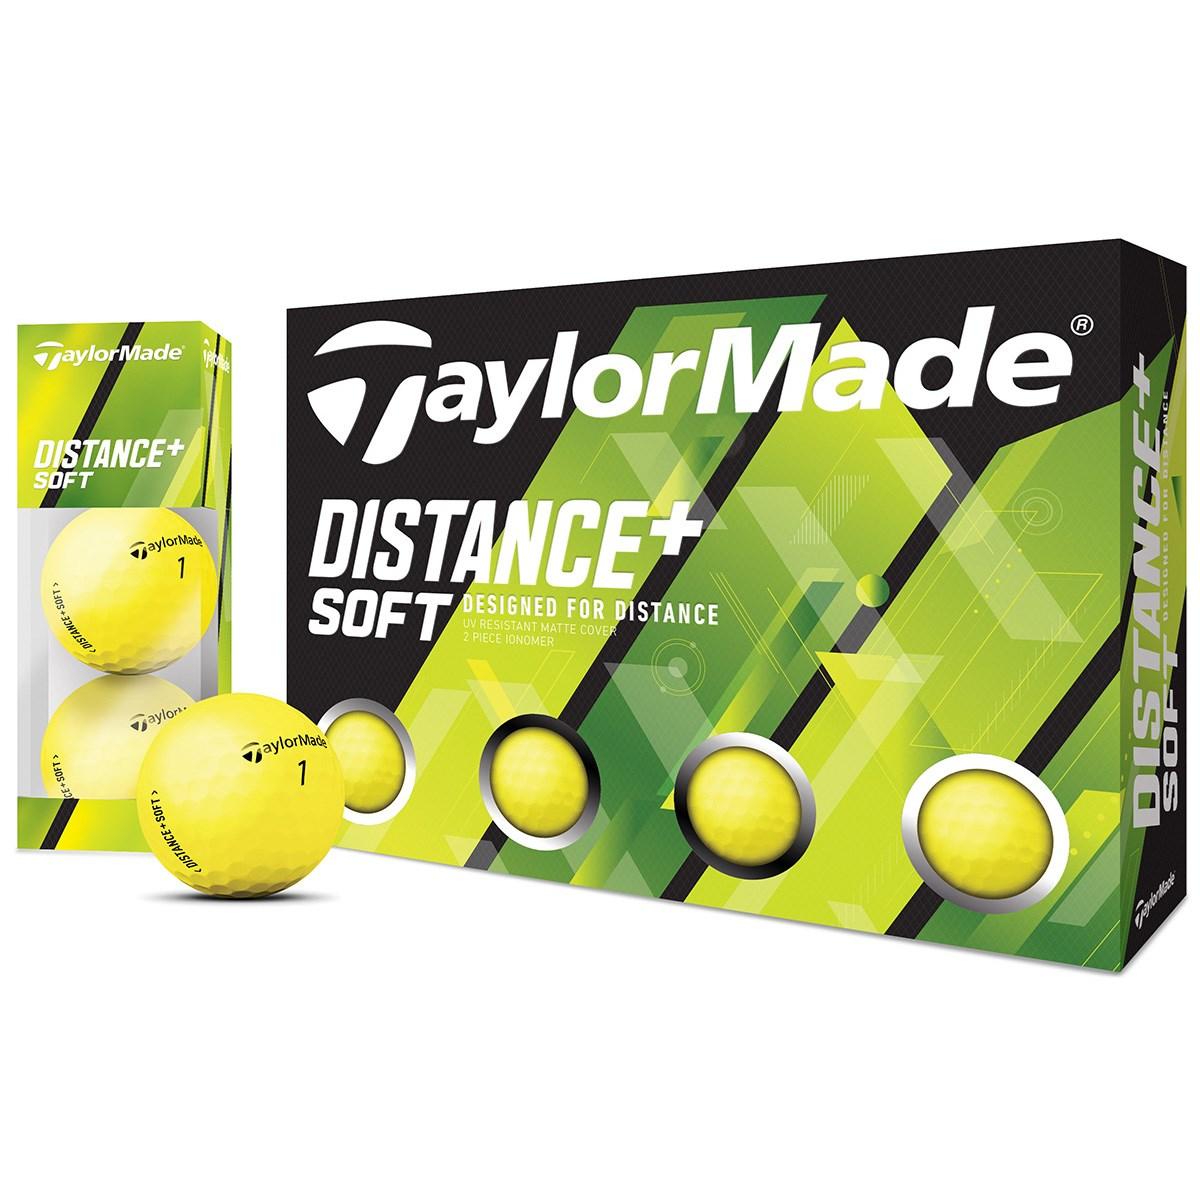 テーラーメイド DISTANCE+ Distance+Soft ボール 1ダース(12個入り) マットイエロー